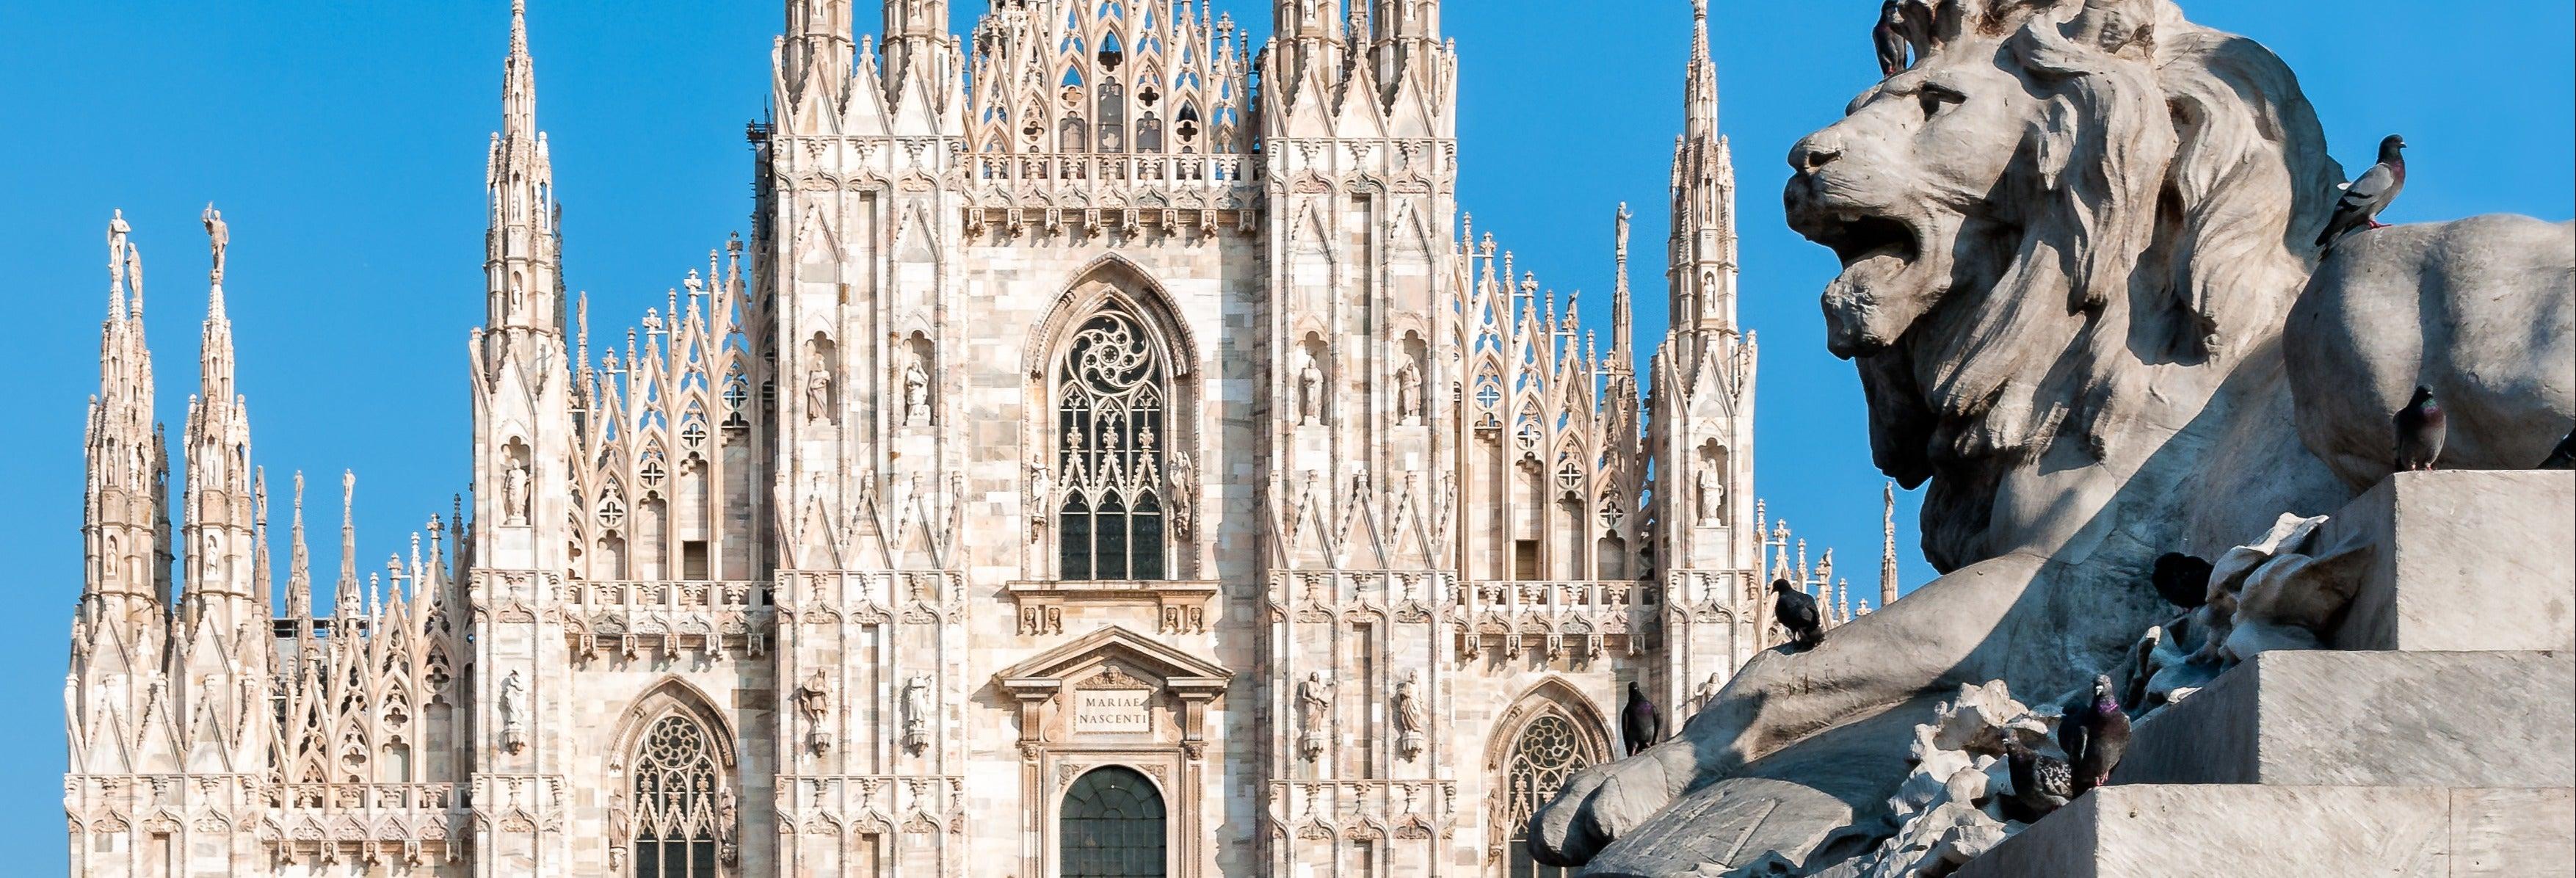 Tour dos fantasmas de Milão